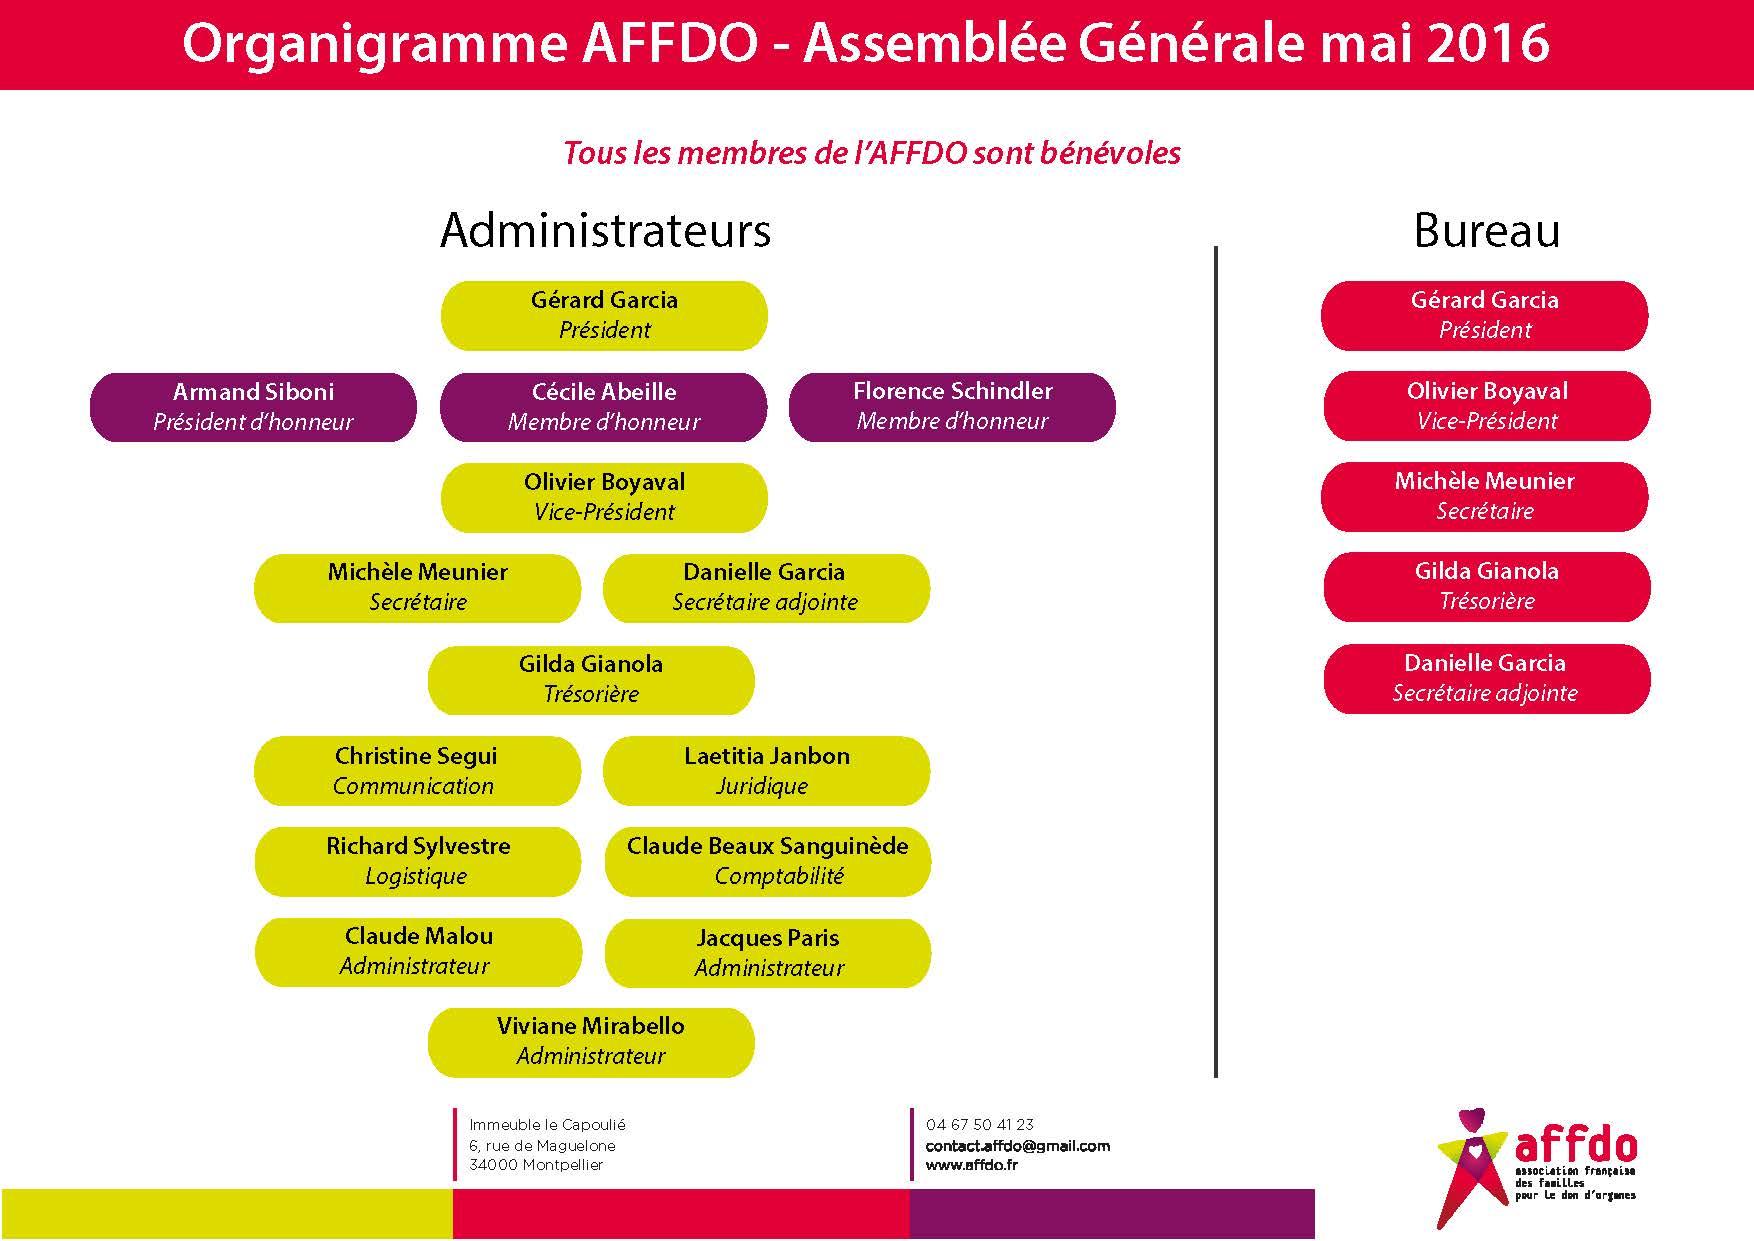 Organigramme AFFDO AG mai 2016 Les membres